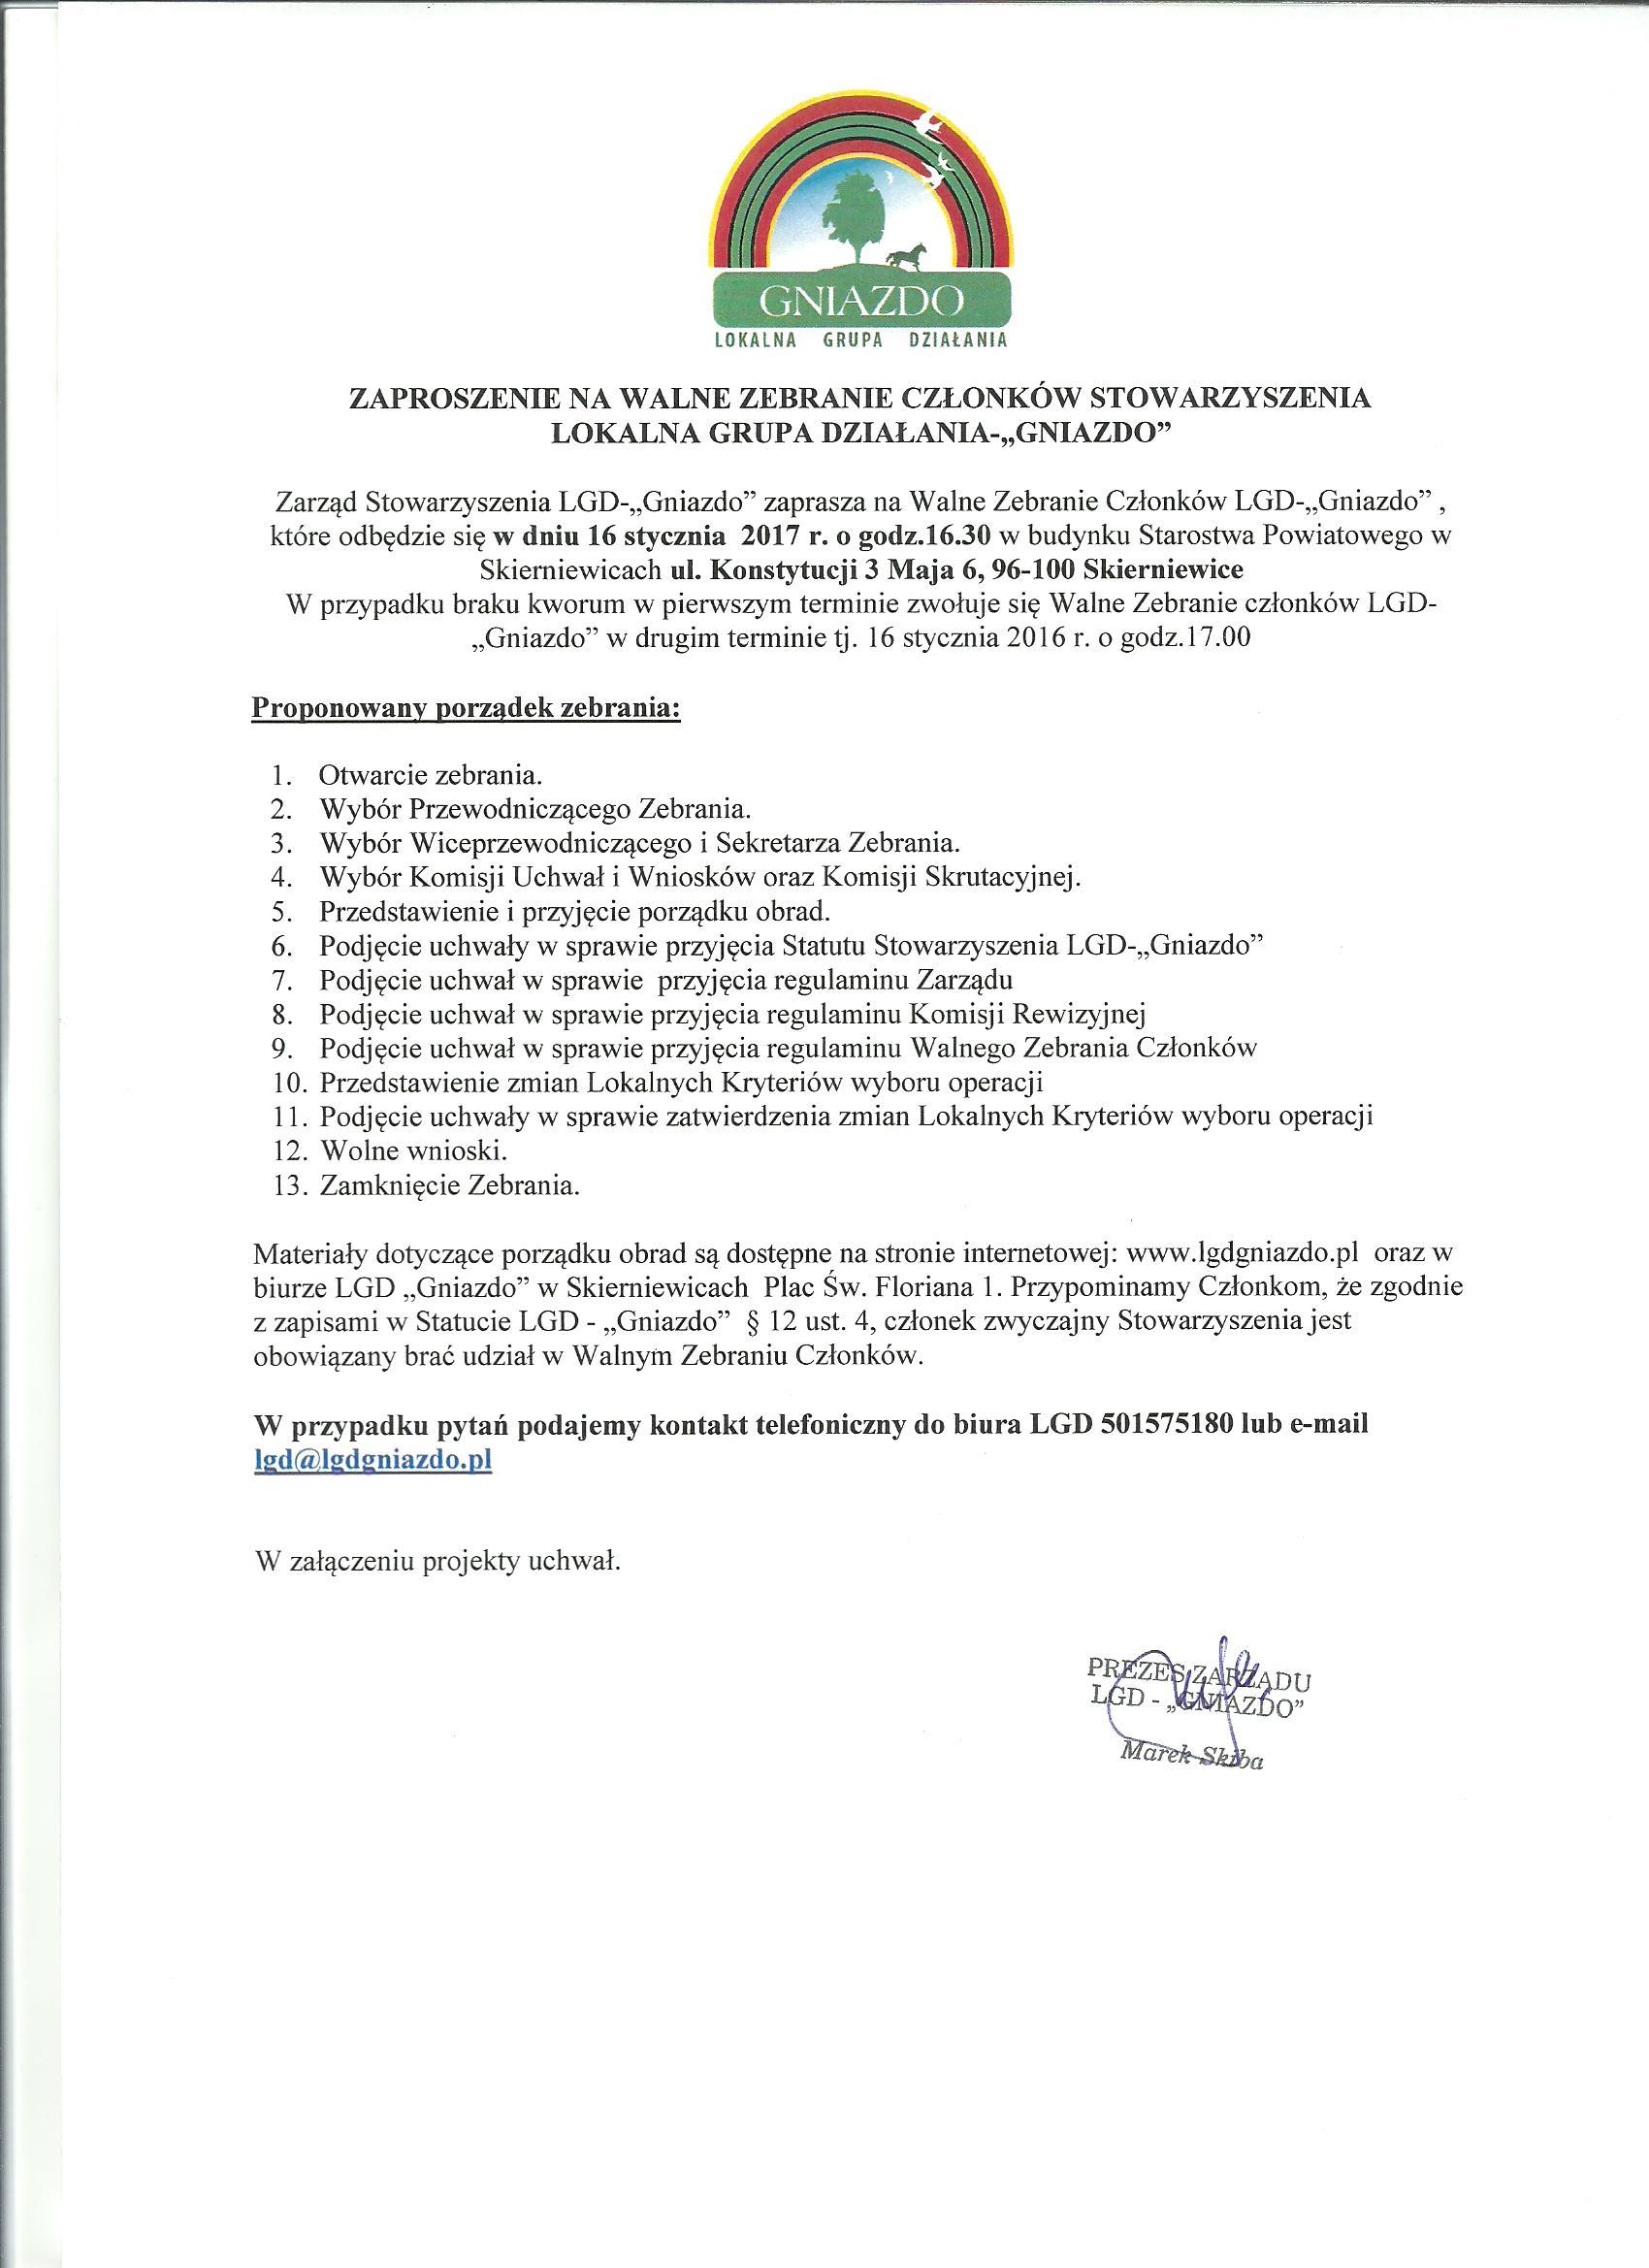 zaproszenie-na-walne-zebranie-czlonkow-stowarzyszenia-lgd-001